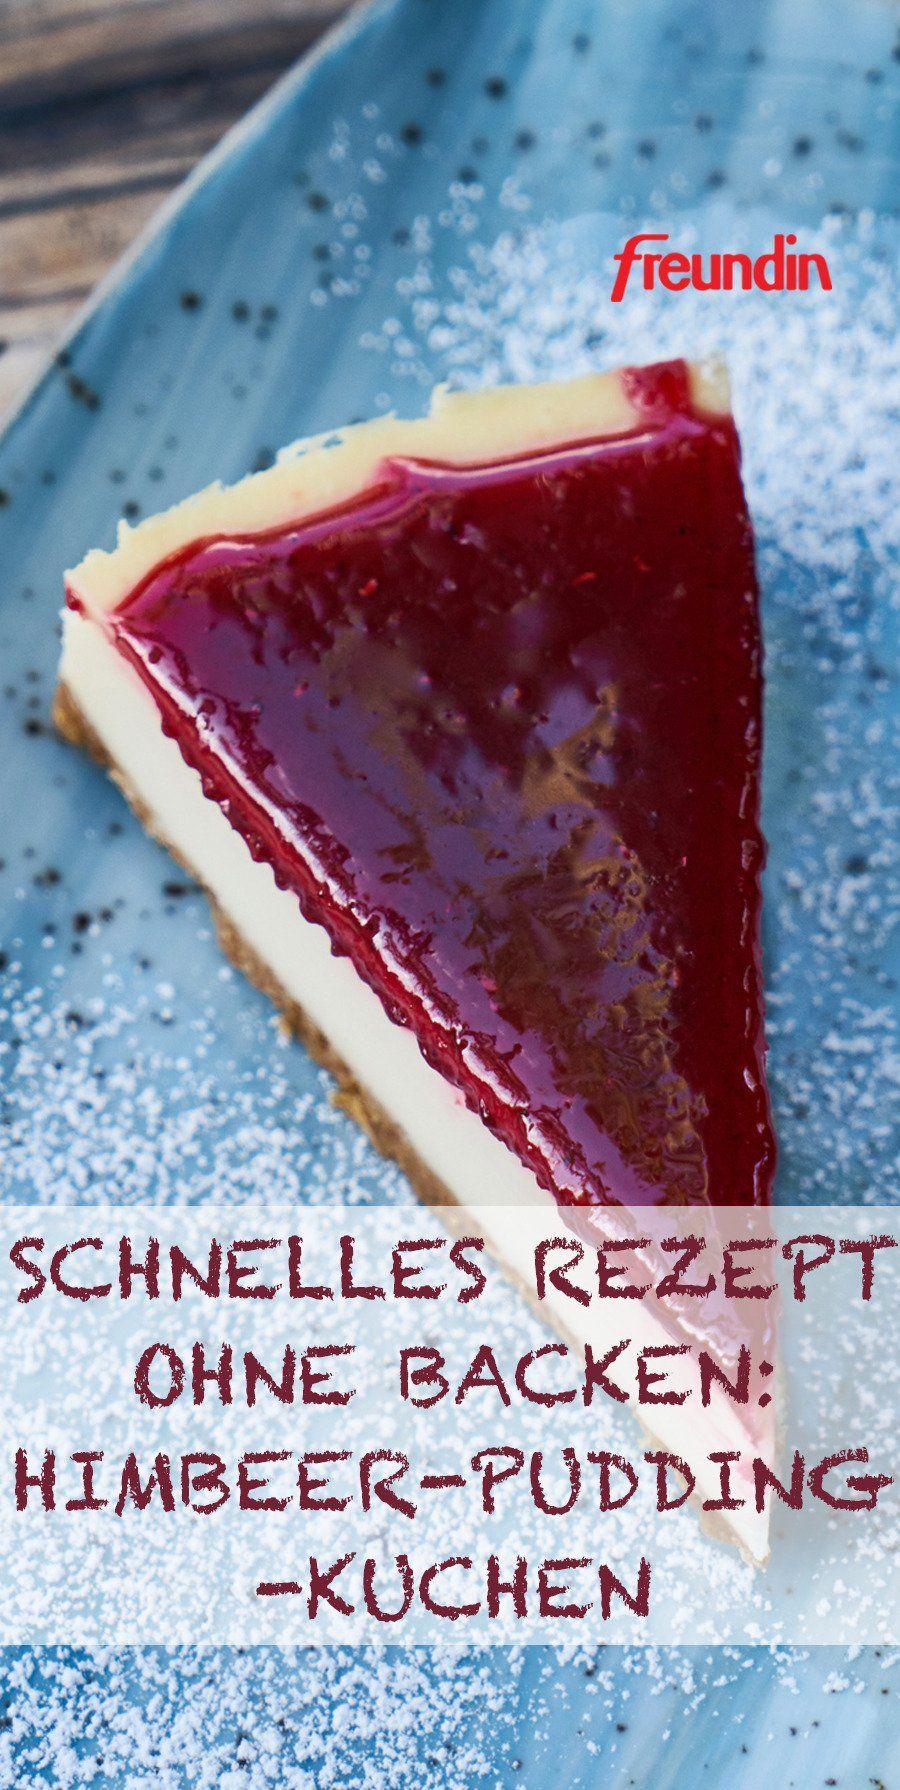 Photo of Schnelles Rezept ohne Backen: Himbeer-Pudding-Kuchen   freundin.de